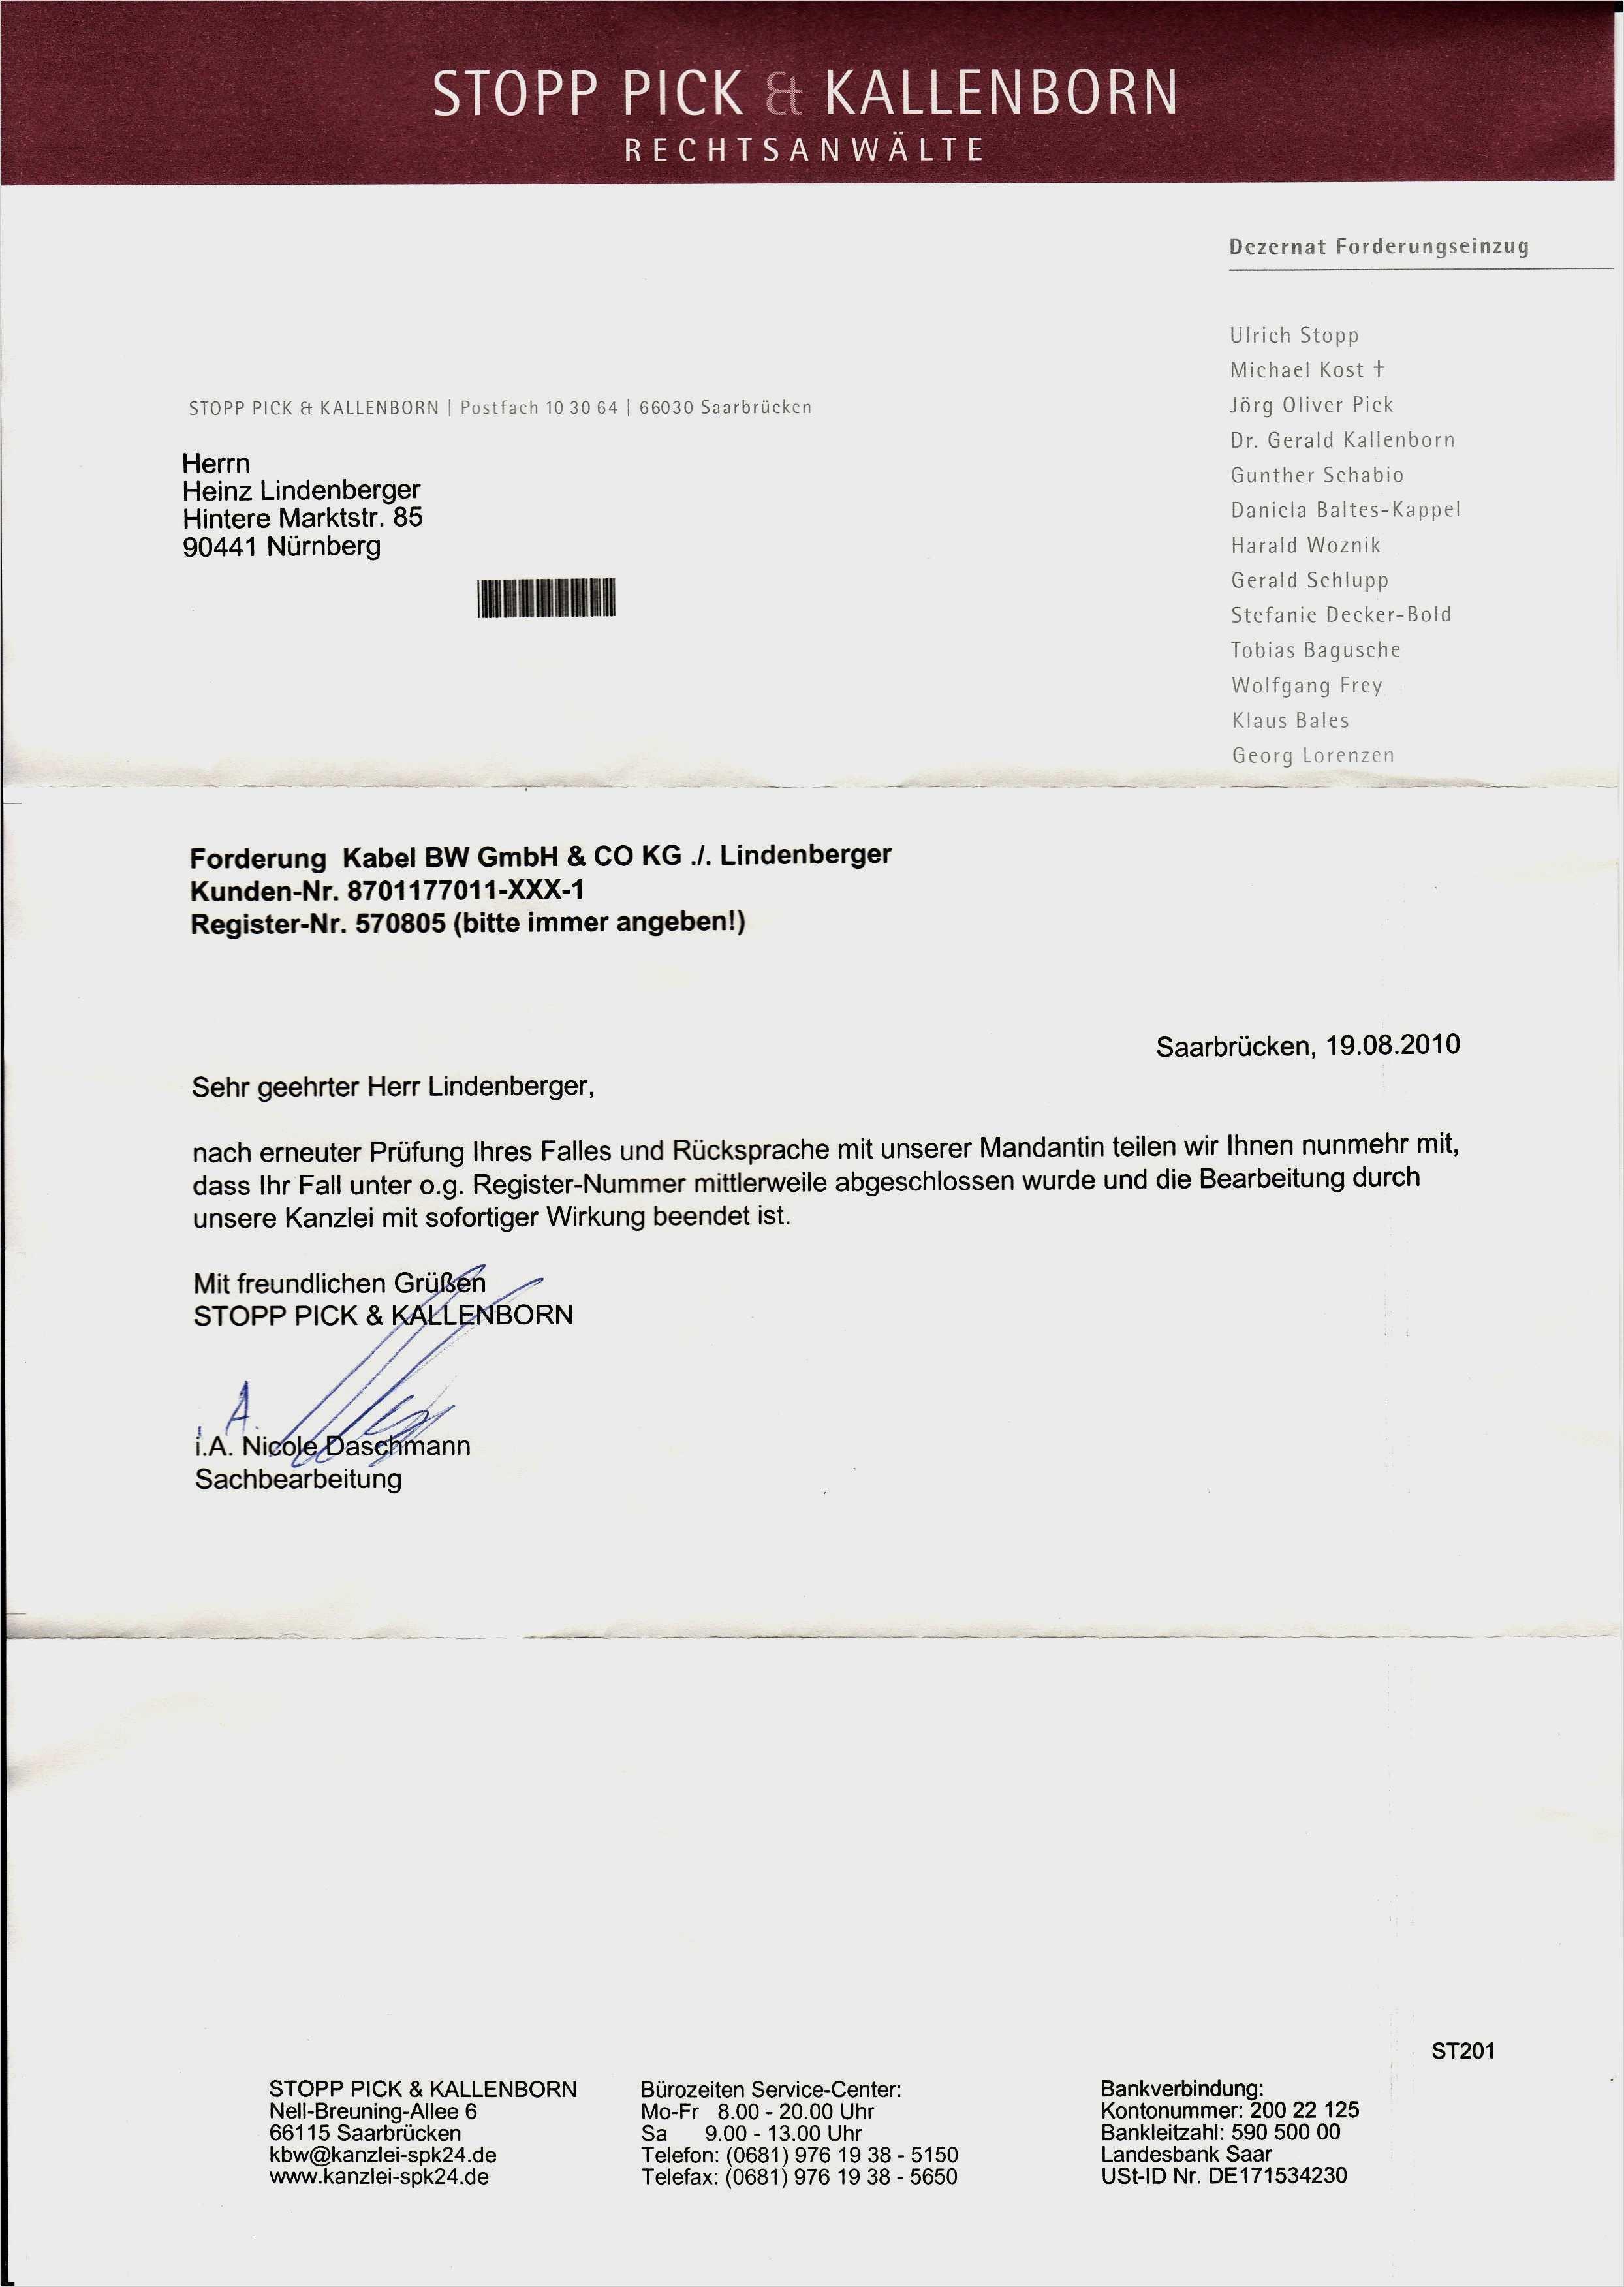 Kundigung Kabel Deutschland Internet Und Telefon Vorlage 35 Erstaunlich Jene Konnen Anpassen Lebenslauf Briefkopf Vorlage Kreative Lebenslaufvorlagen